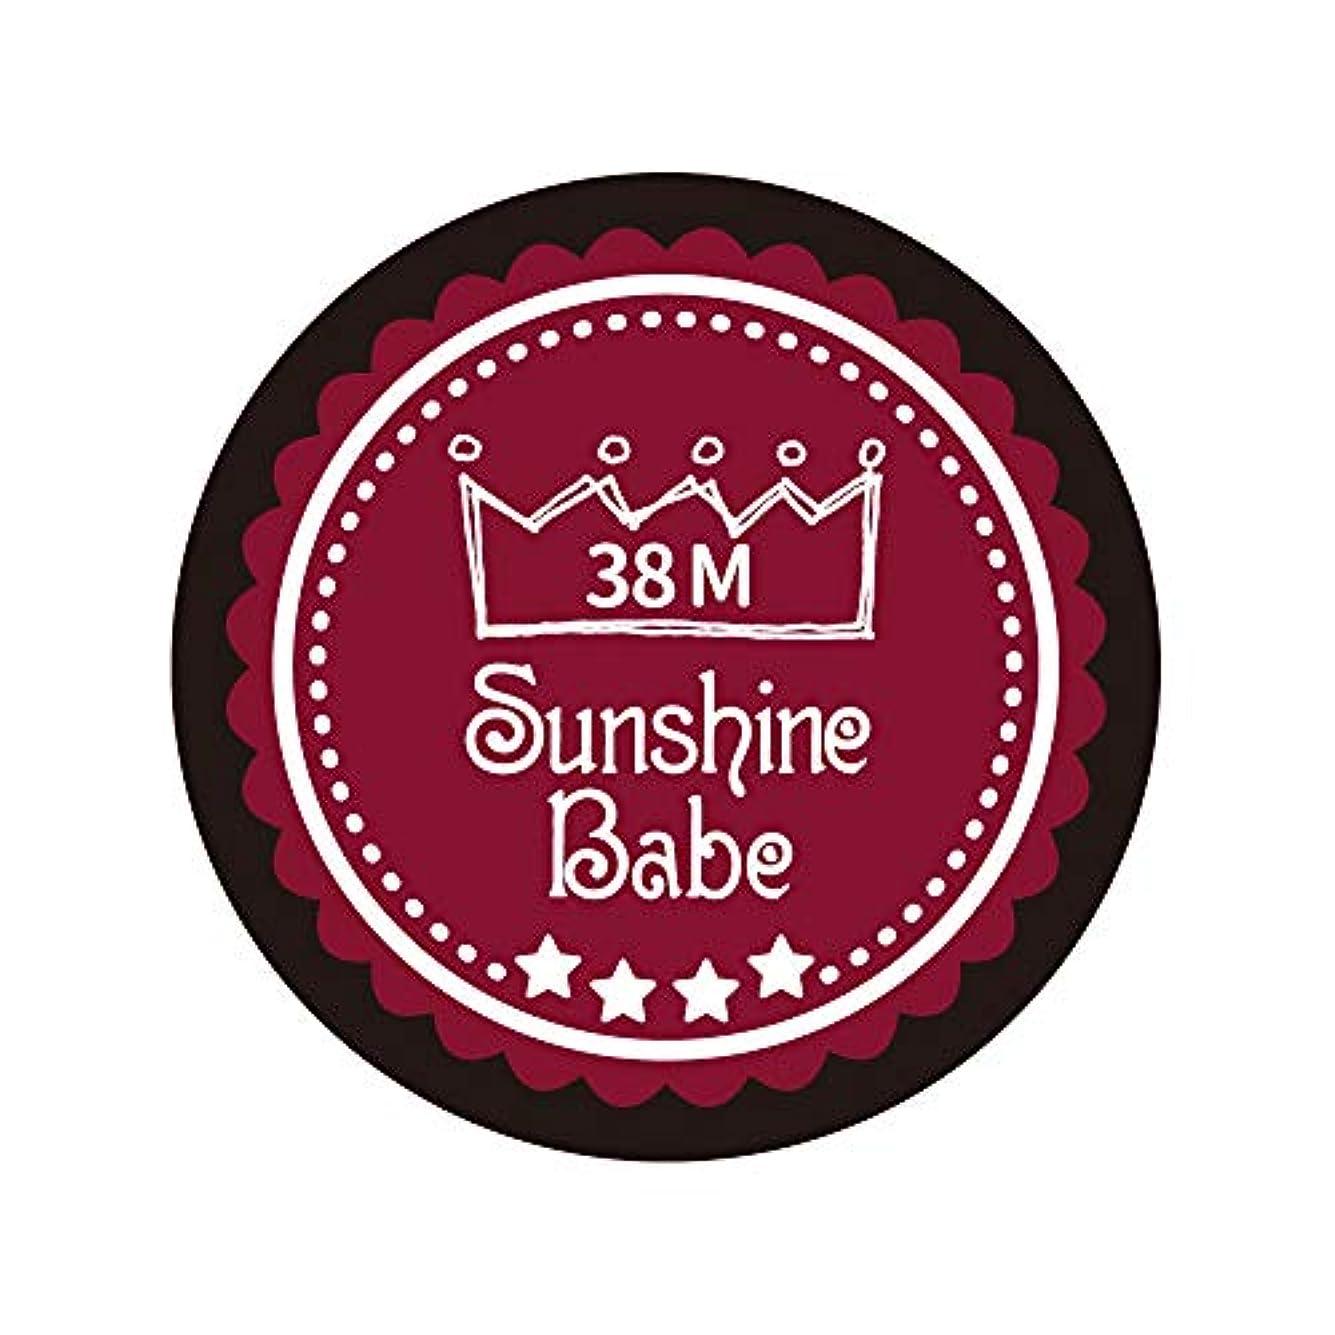 計画的供給直立Sunshine Babe カラージェル 38M レッドペア 4g UV/LED対応